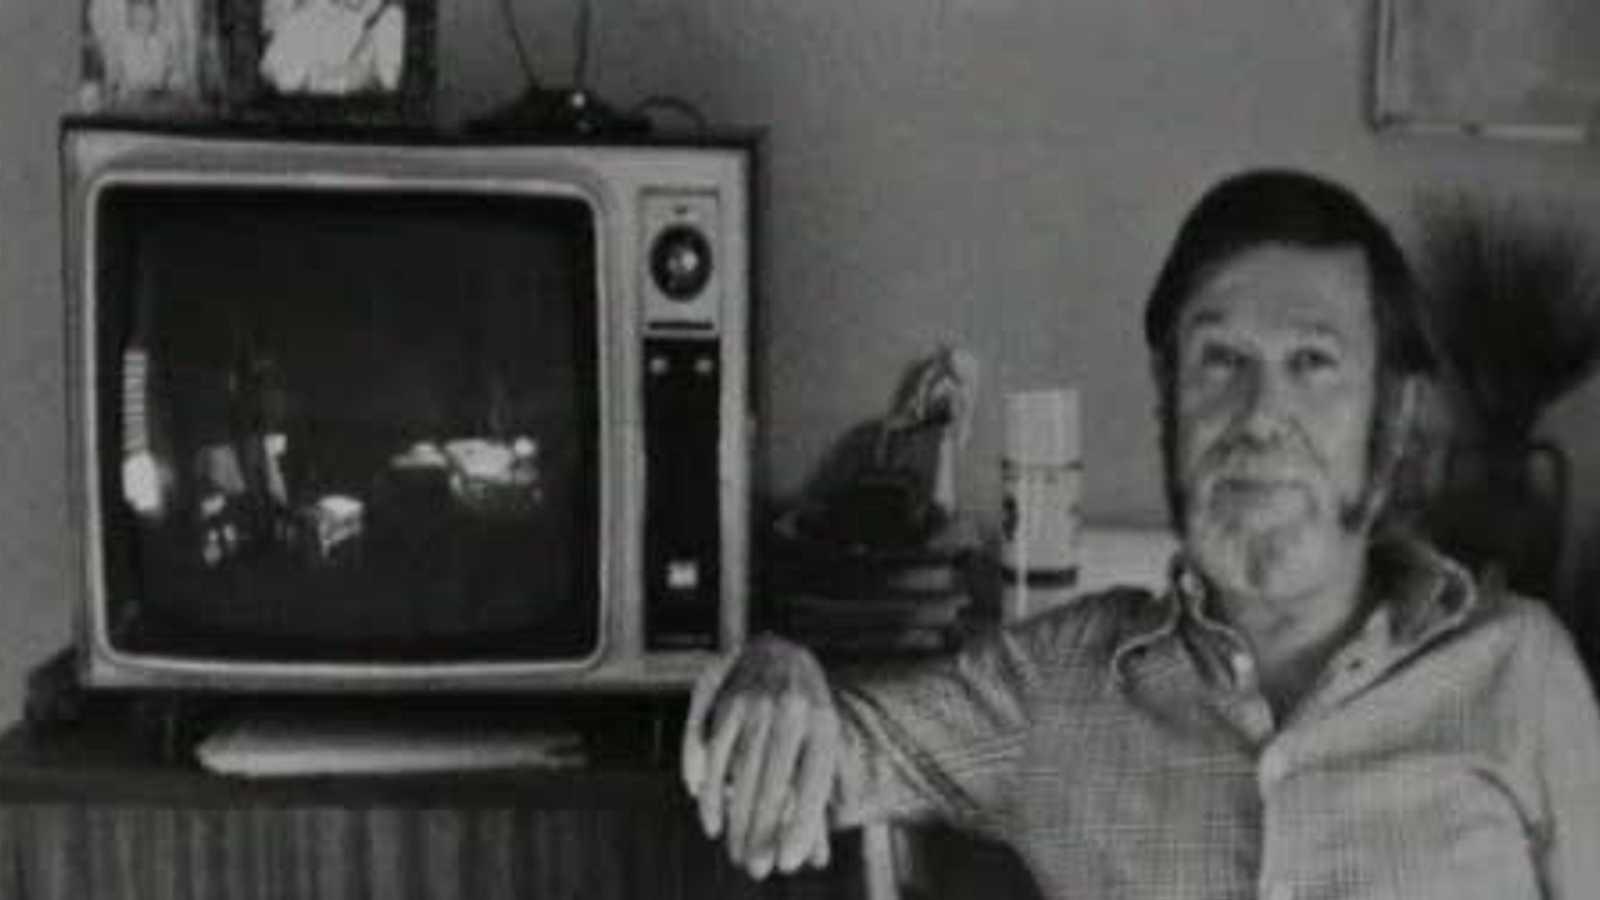 Arxiu TVE Catalunya - Personatges - Paco Candel